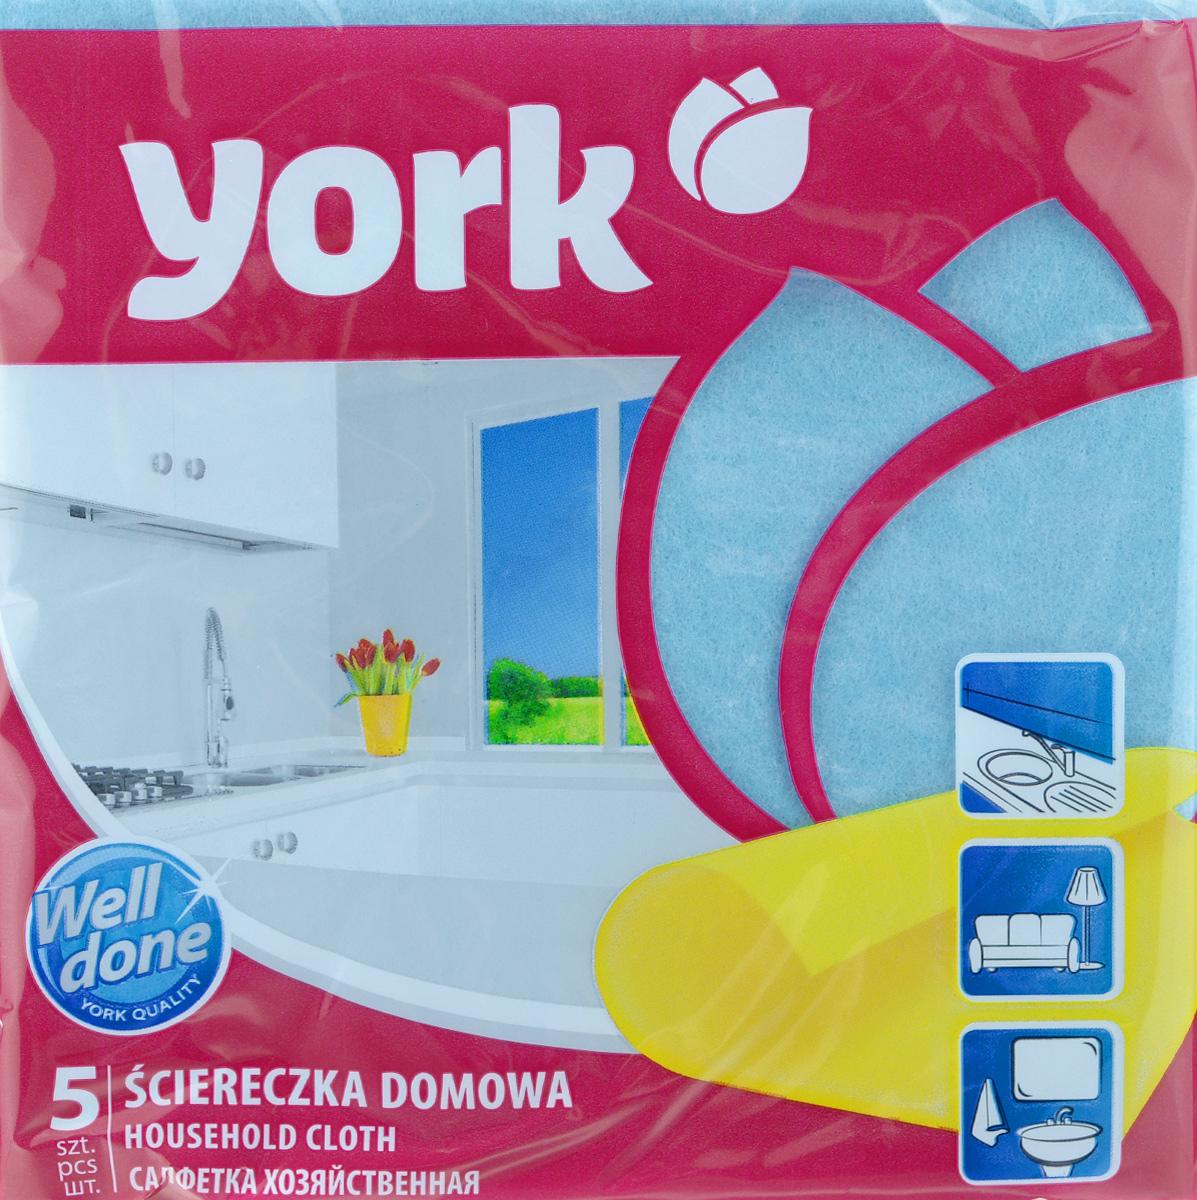 Салфетка хозяйственная York, цвет: синий, 35 см х 35 см, 5 шт2002_синийУниверсальная салфетка York предназначена для мытья, протирания и полировки. Салфетка выполнена из вискозы с добавлением полипропиленового волокна, отличается высокой прочностью. Хорошо поглощает влагу, эффективно очищает поверхности и не оставляет ворсинок. Идеальна для ухода за столешницами и раковиной на кухне, за стеклом и зеркалами, деревянной мебелью. Может использоваться в сухом и влажном виде.